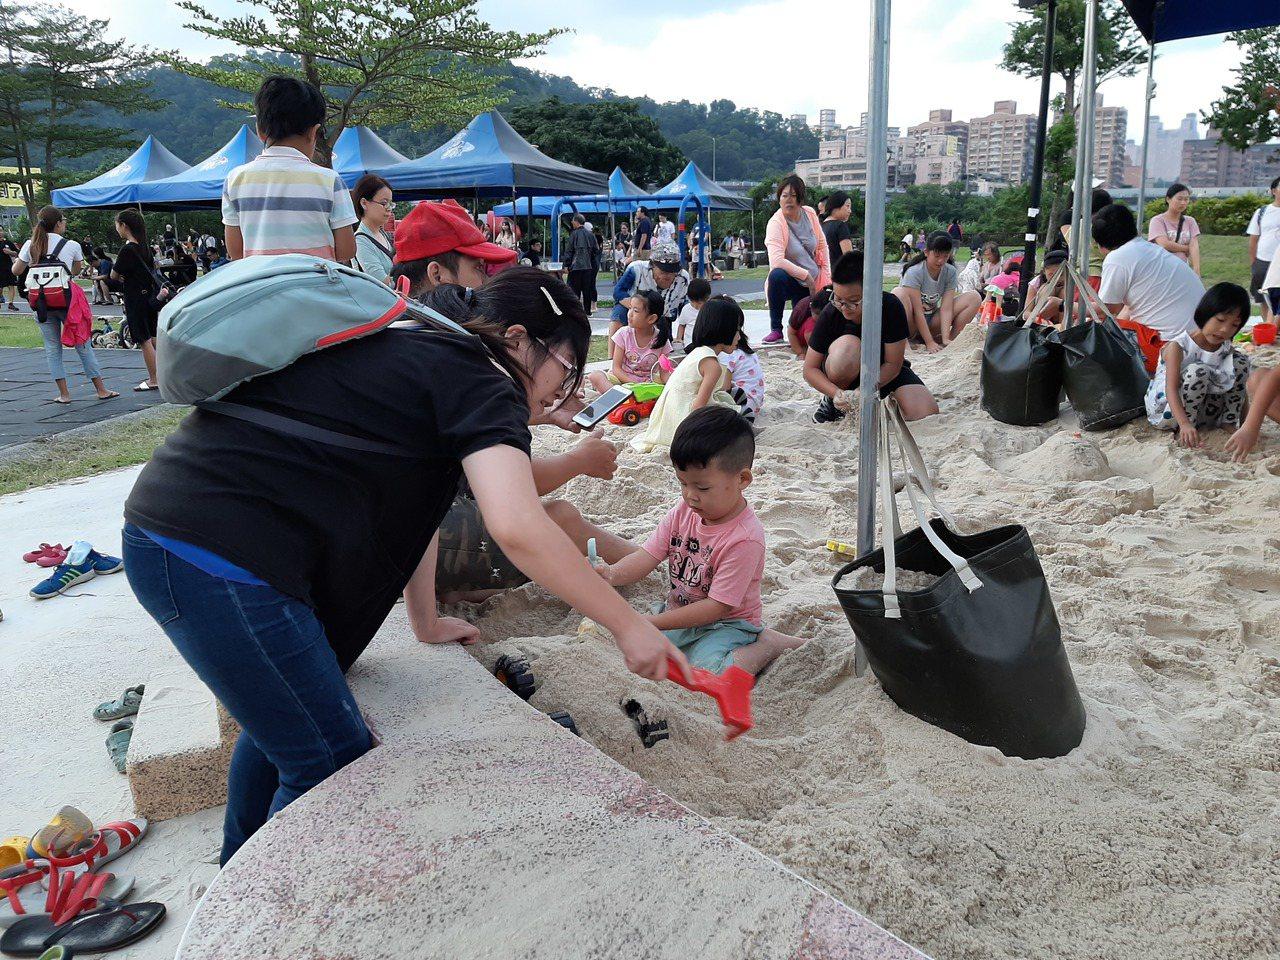 新店陽光運動公園新增向日葵造型沙坑,沙坑旁還設有遮陽棚及沙桌。圖/新北市高管處提...